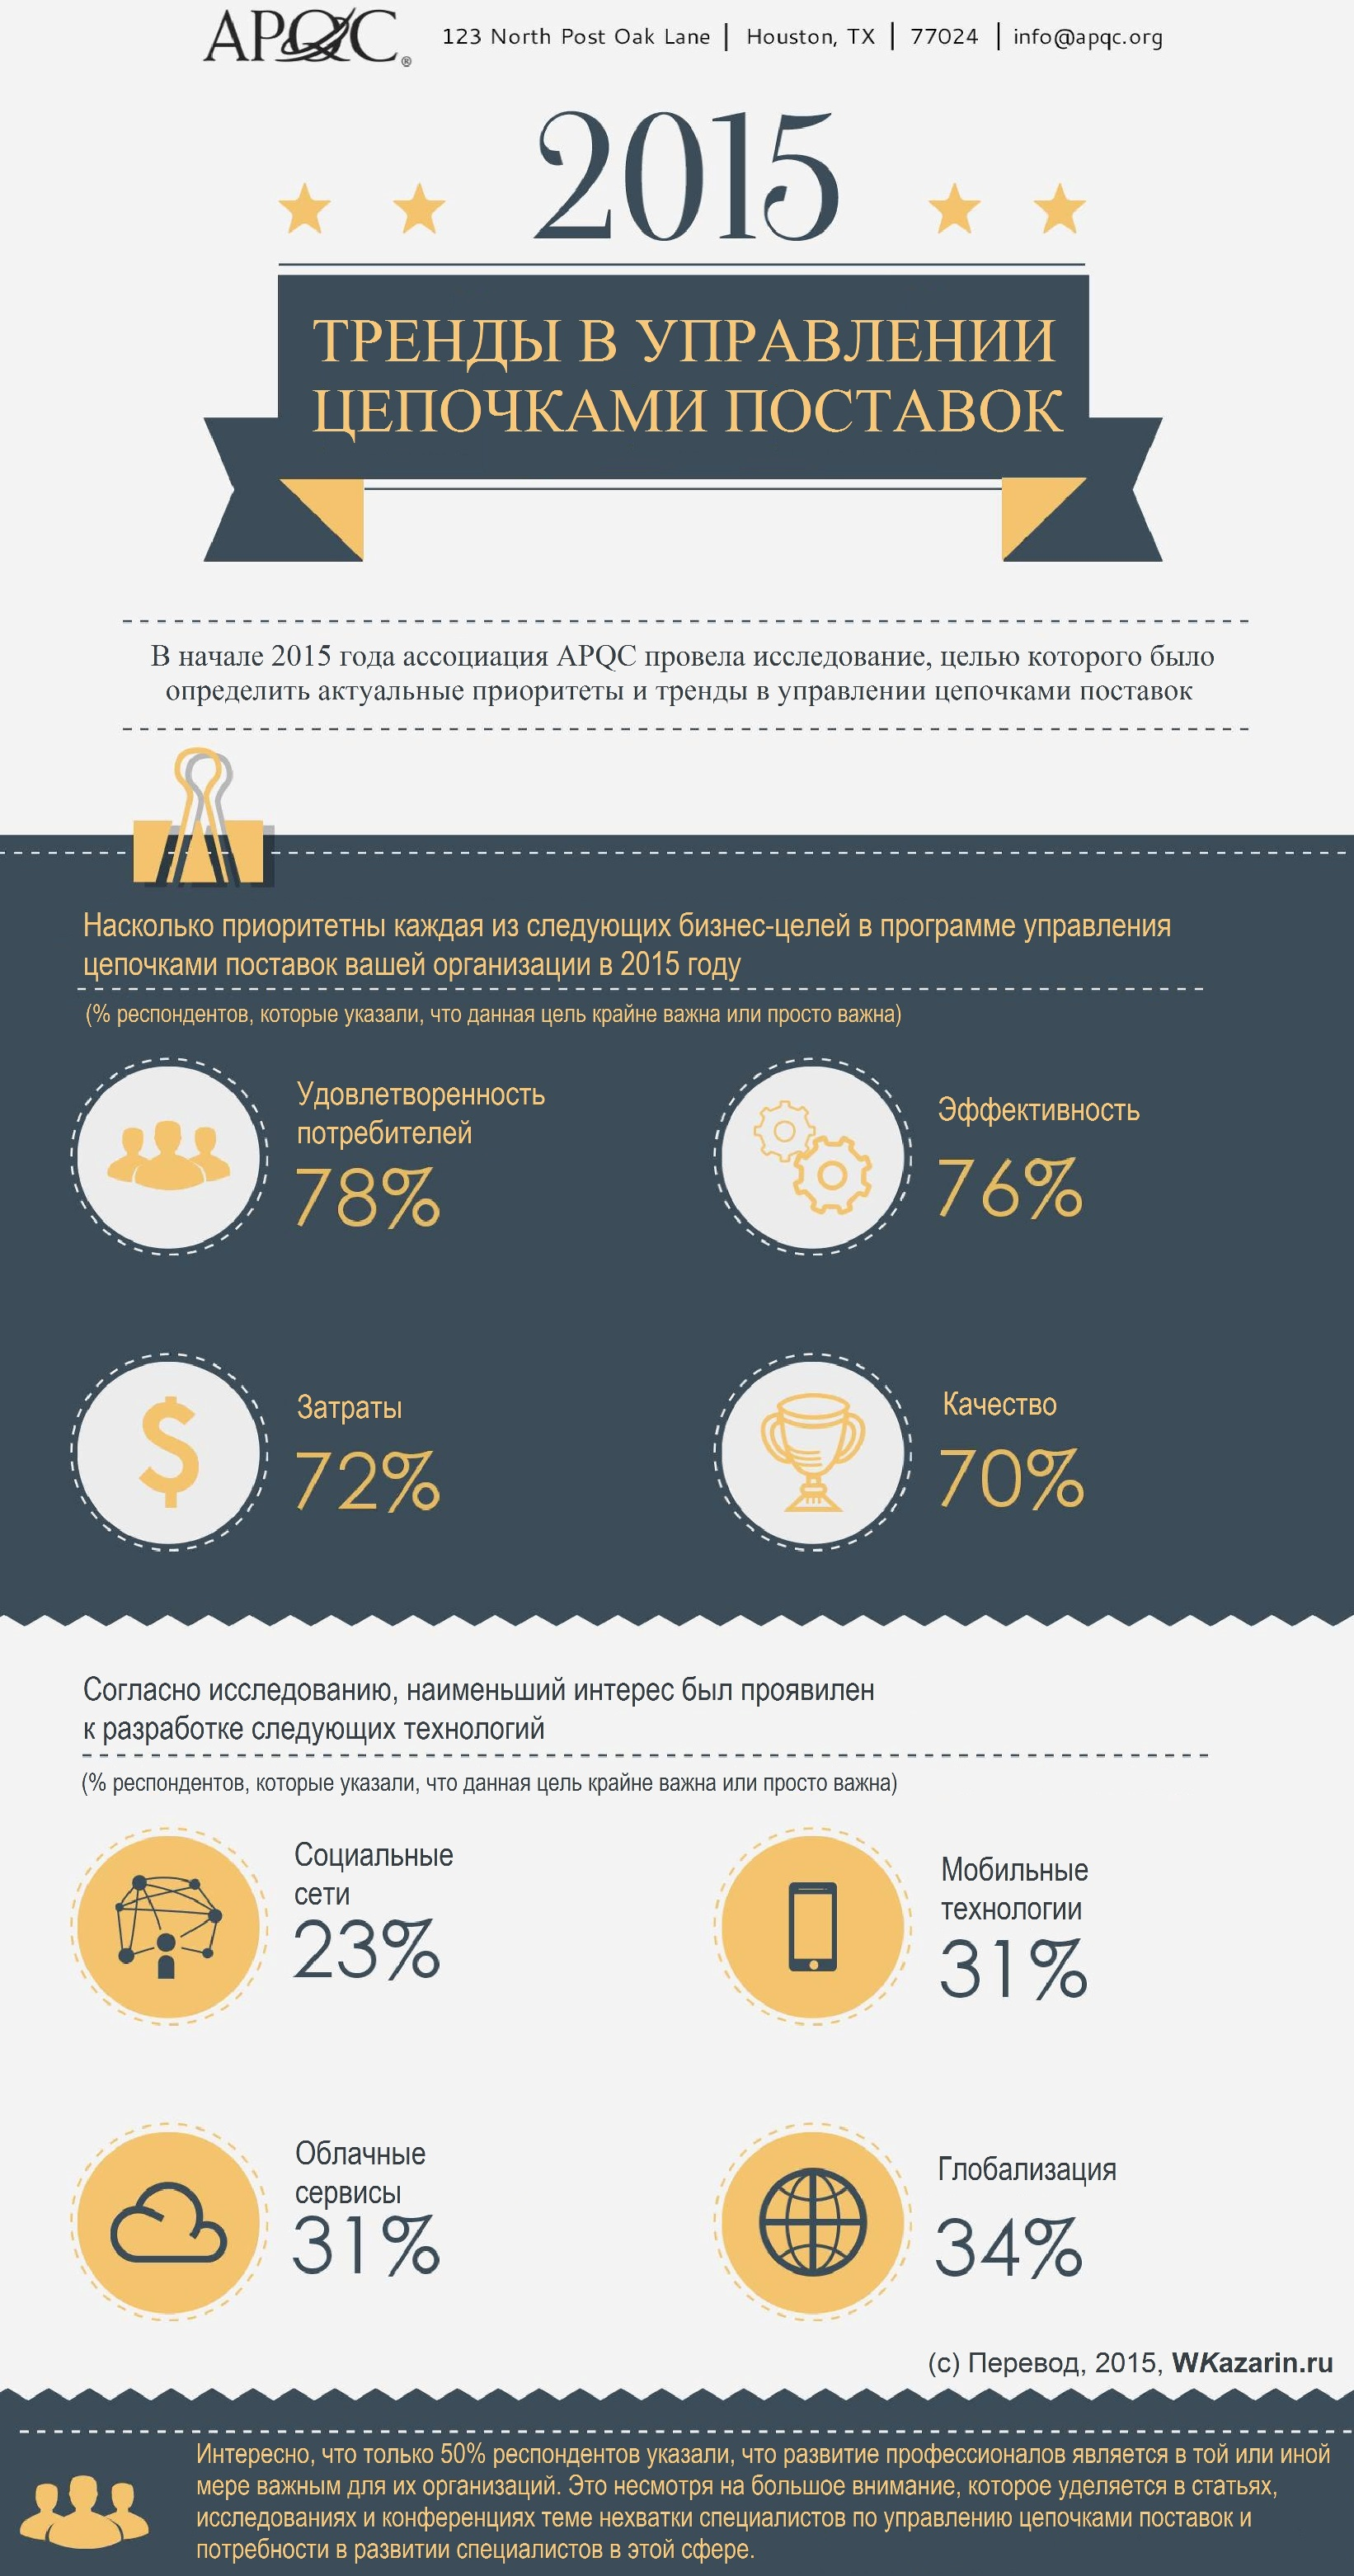 Тренды в управлении цепочками поставок 2015 года